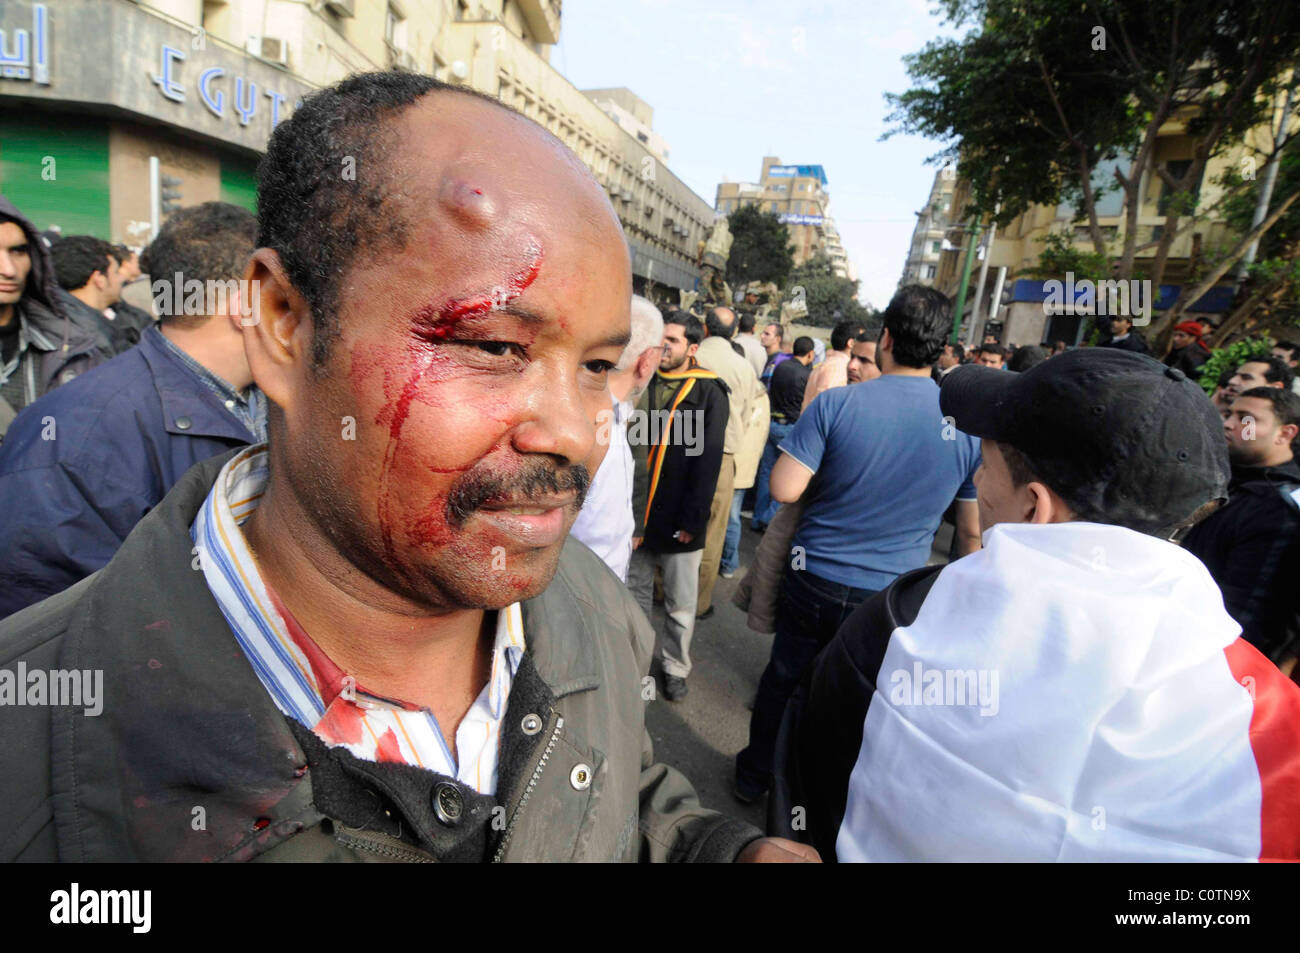 Un manifestant anti-Moubarak blessés par pierre lors d'affrontements sur la place Tahrir, le 2 février Photo Stock